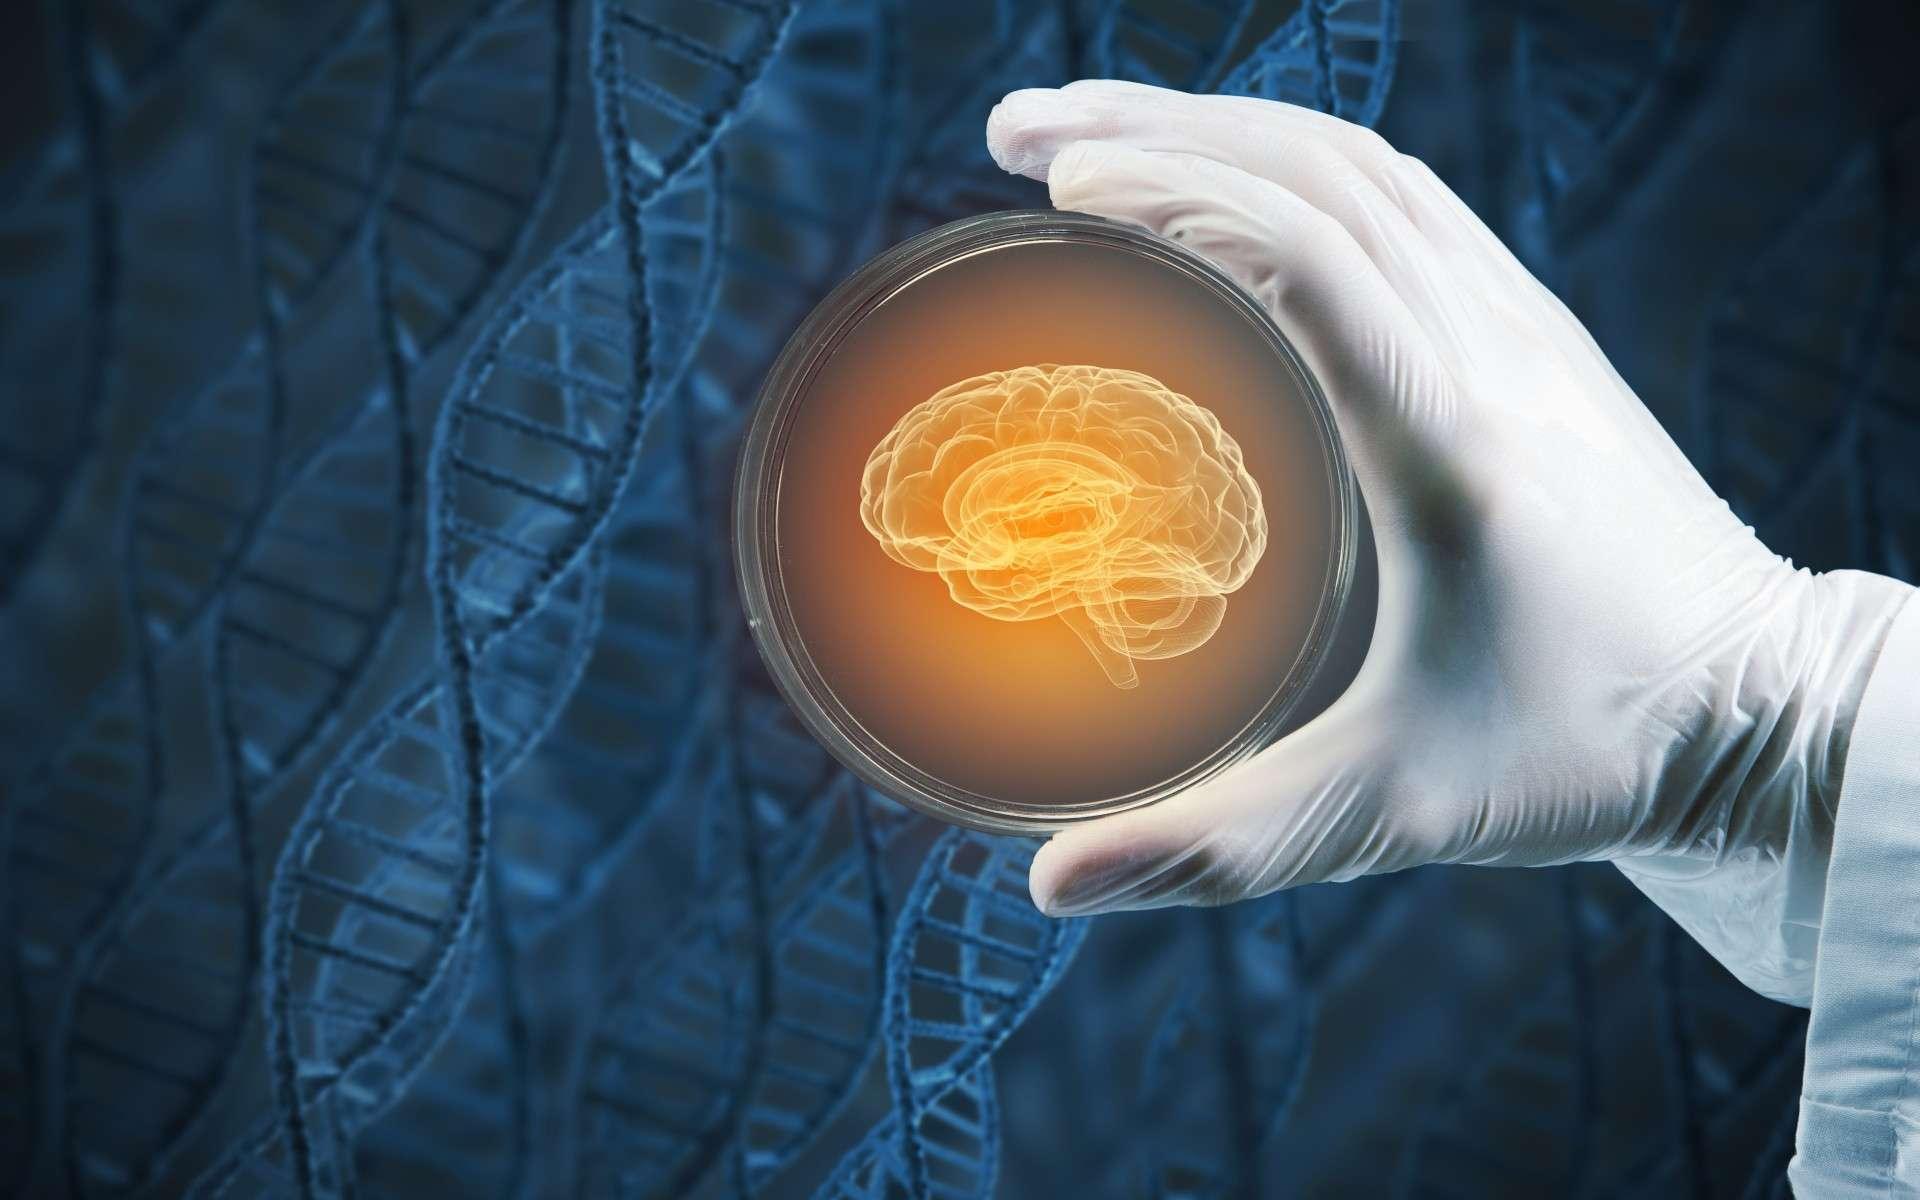 Des scientifiques allemands ont généré des organoïdes cérébraux avec des vésicules optiques capables de sentir la lumière. © Sergey Nivens, Adobe Stock